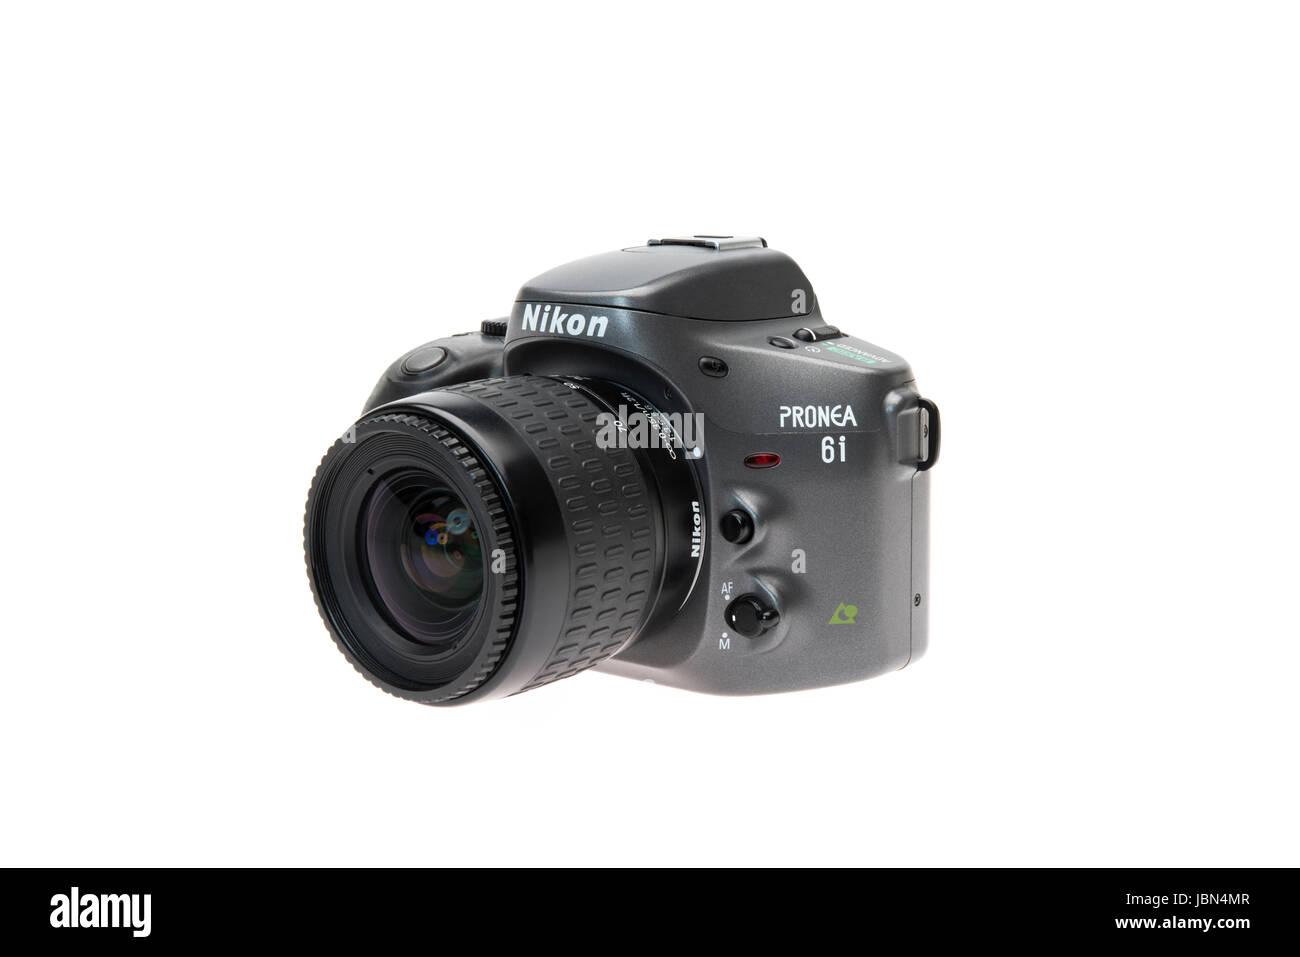 Nikon PRONEA 6i (600i) con IX-Nikkor lente pellicola APS SLR Fotocamera rilasciato 1996 Immagini Stock